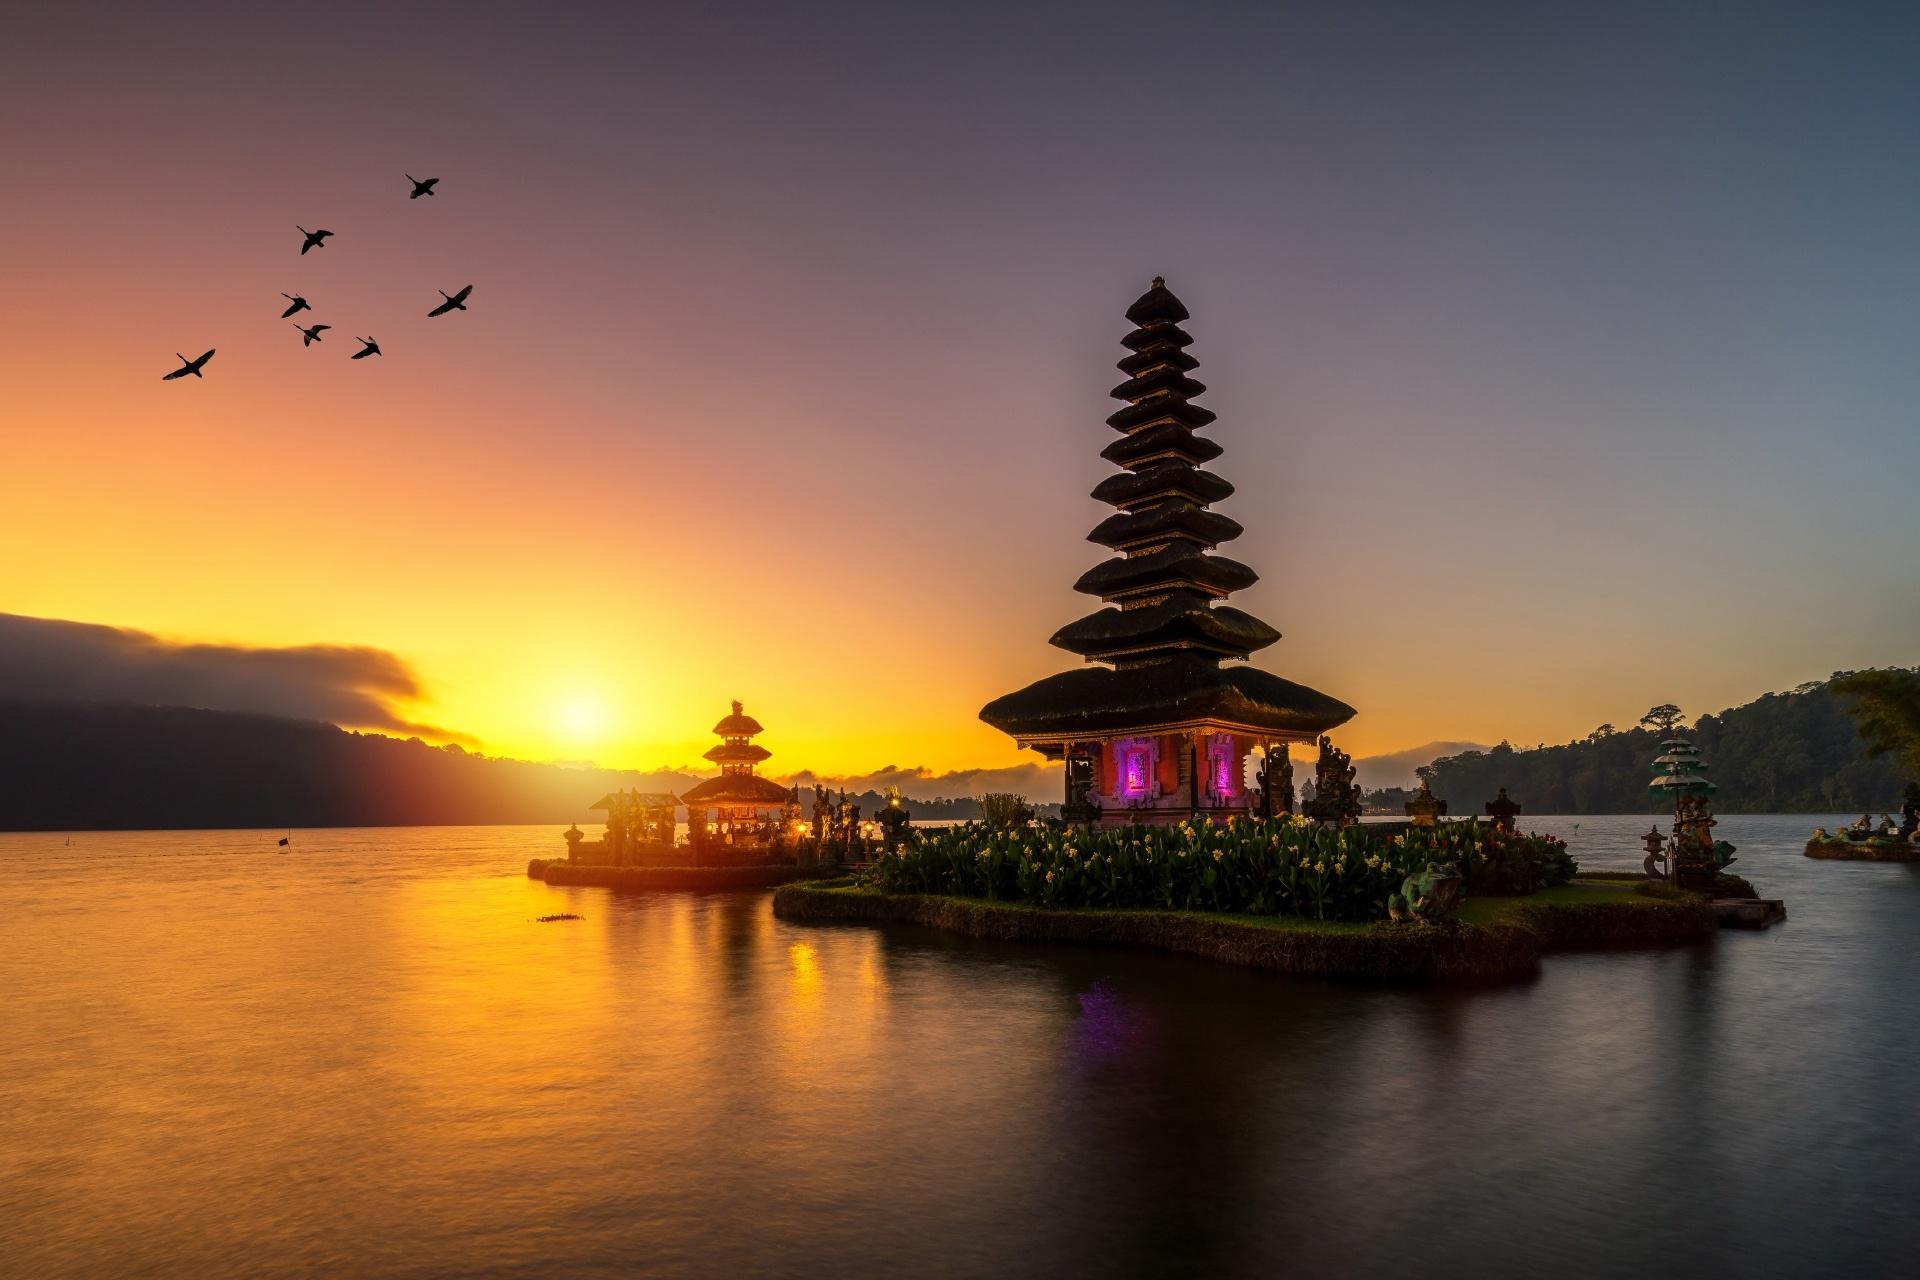 夕暮れのブラタン湖とウルン・ダヌ・ブラタン寺院 インドネシアの風景